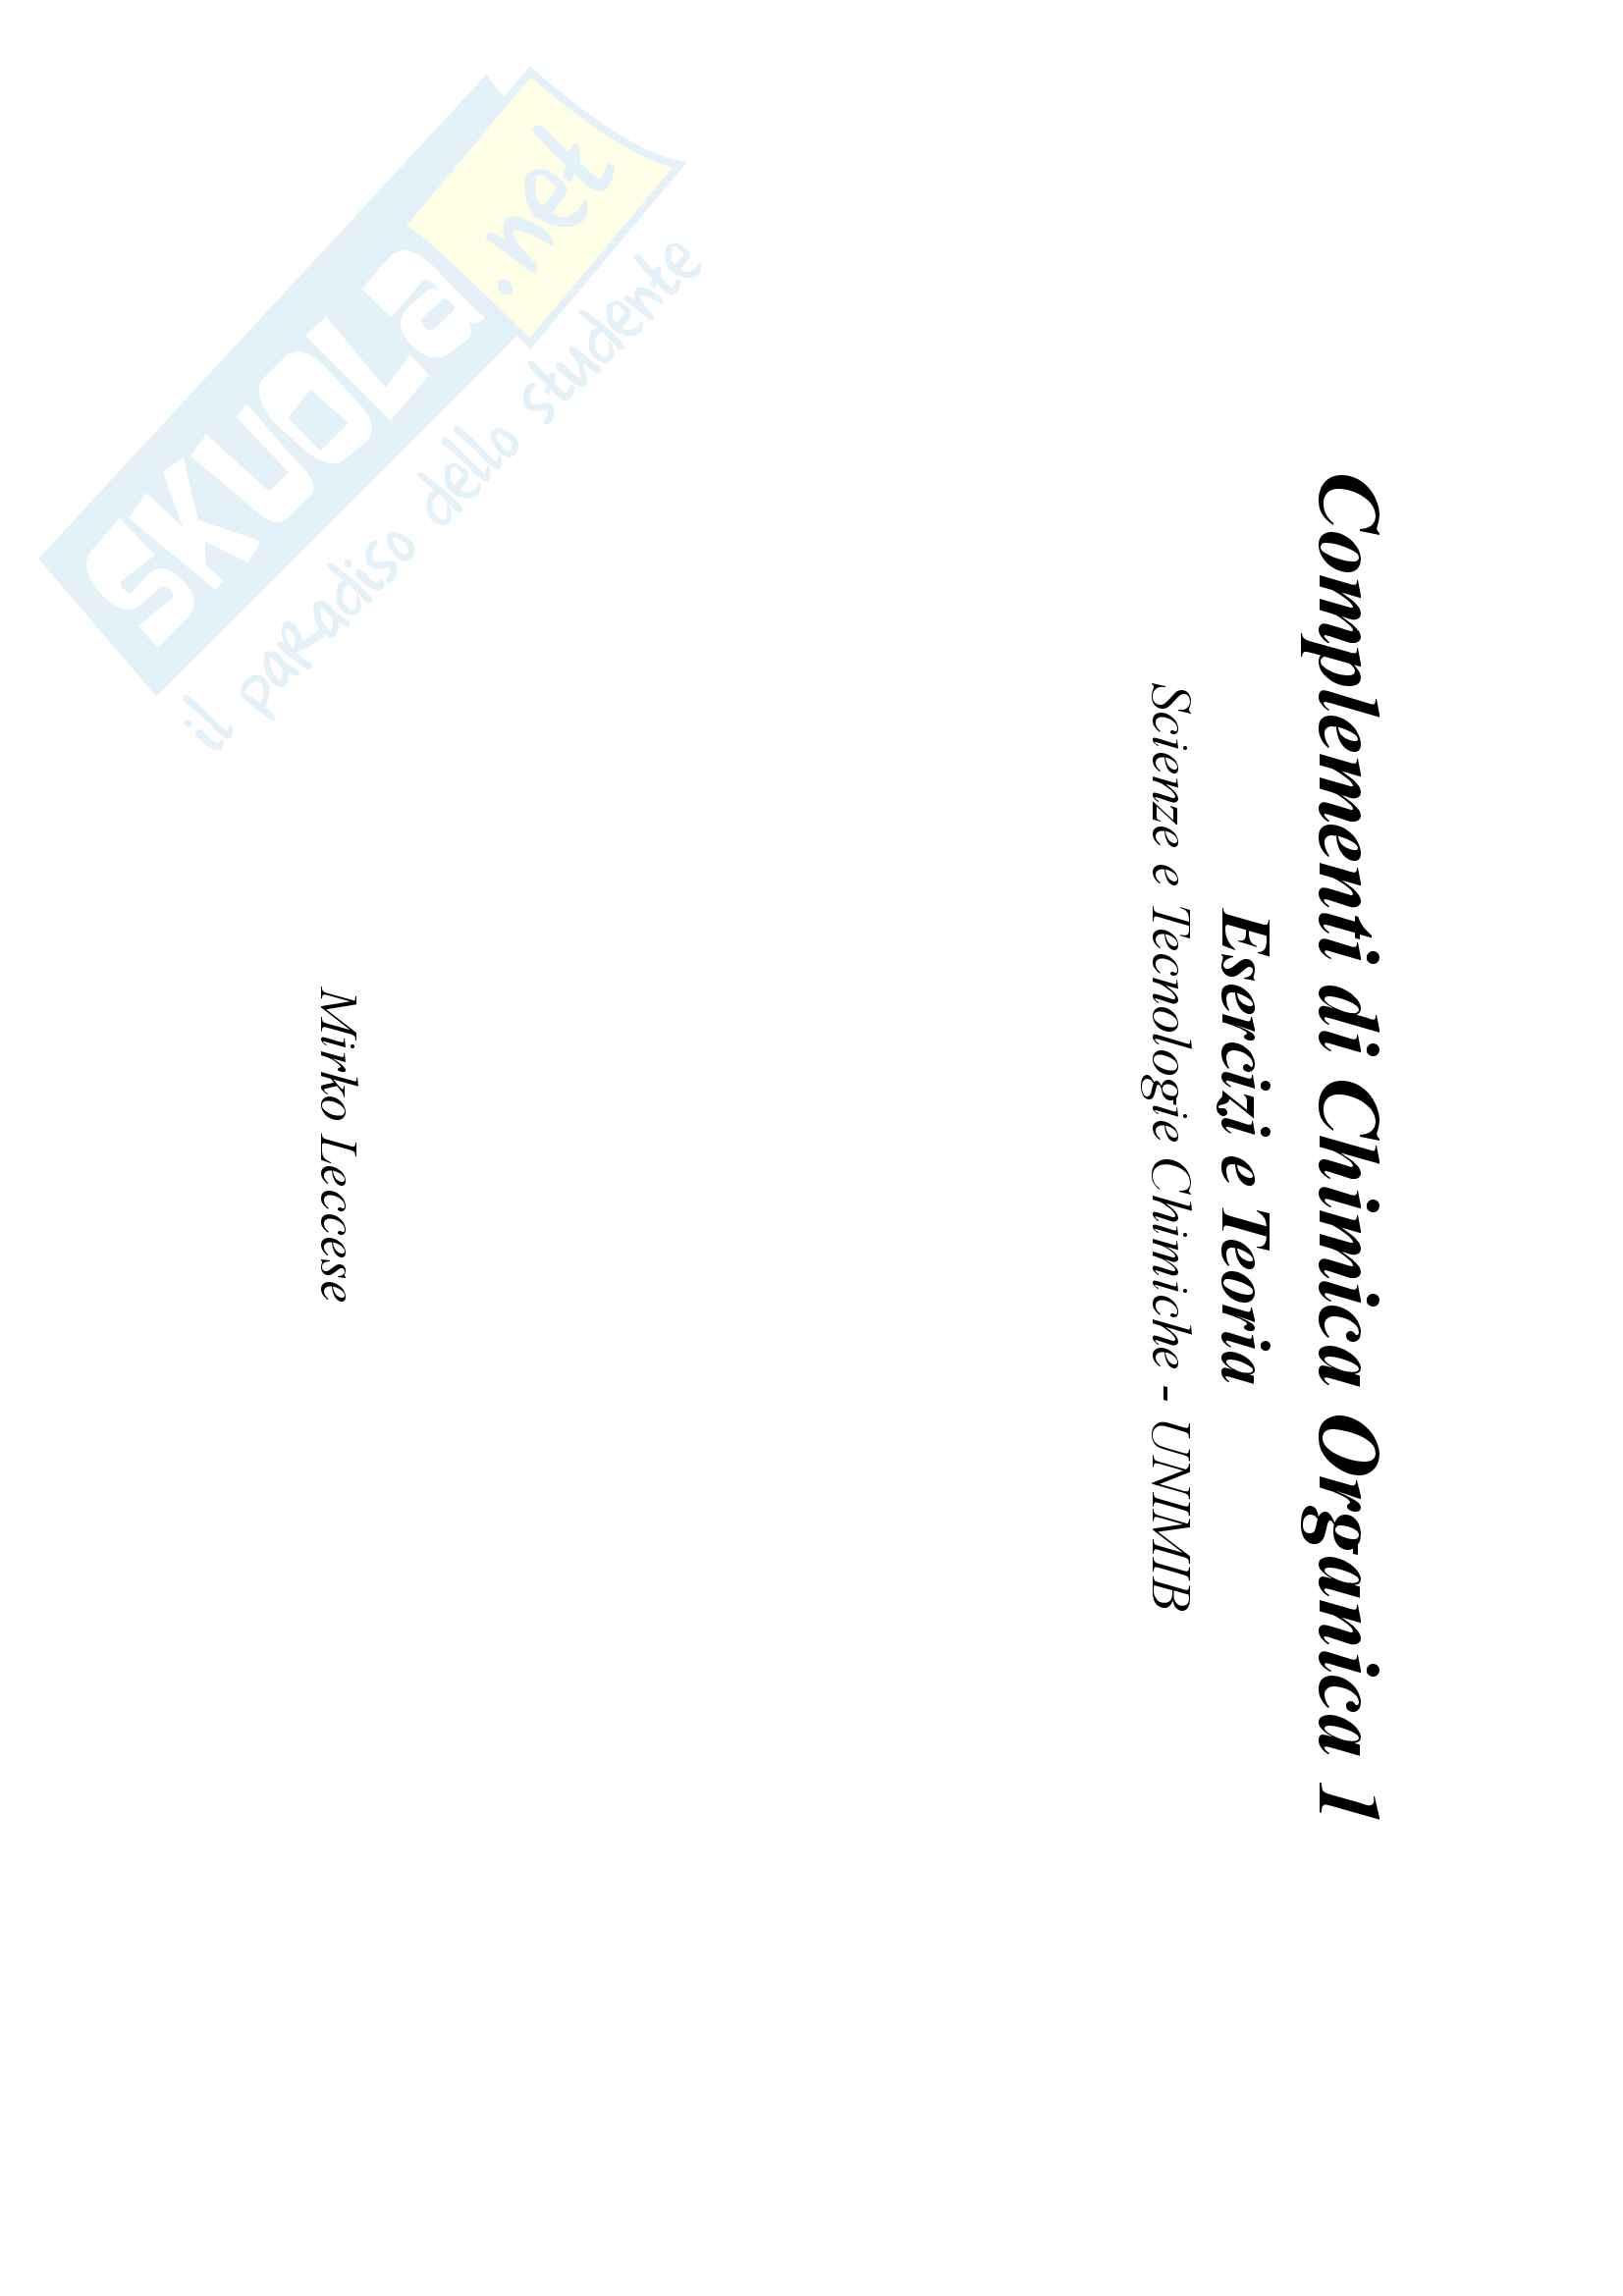 Complementi di Chimica Organica 1: Esercizi e Teoria